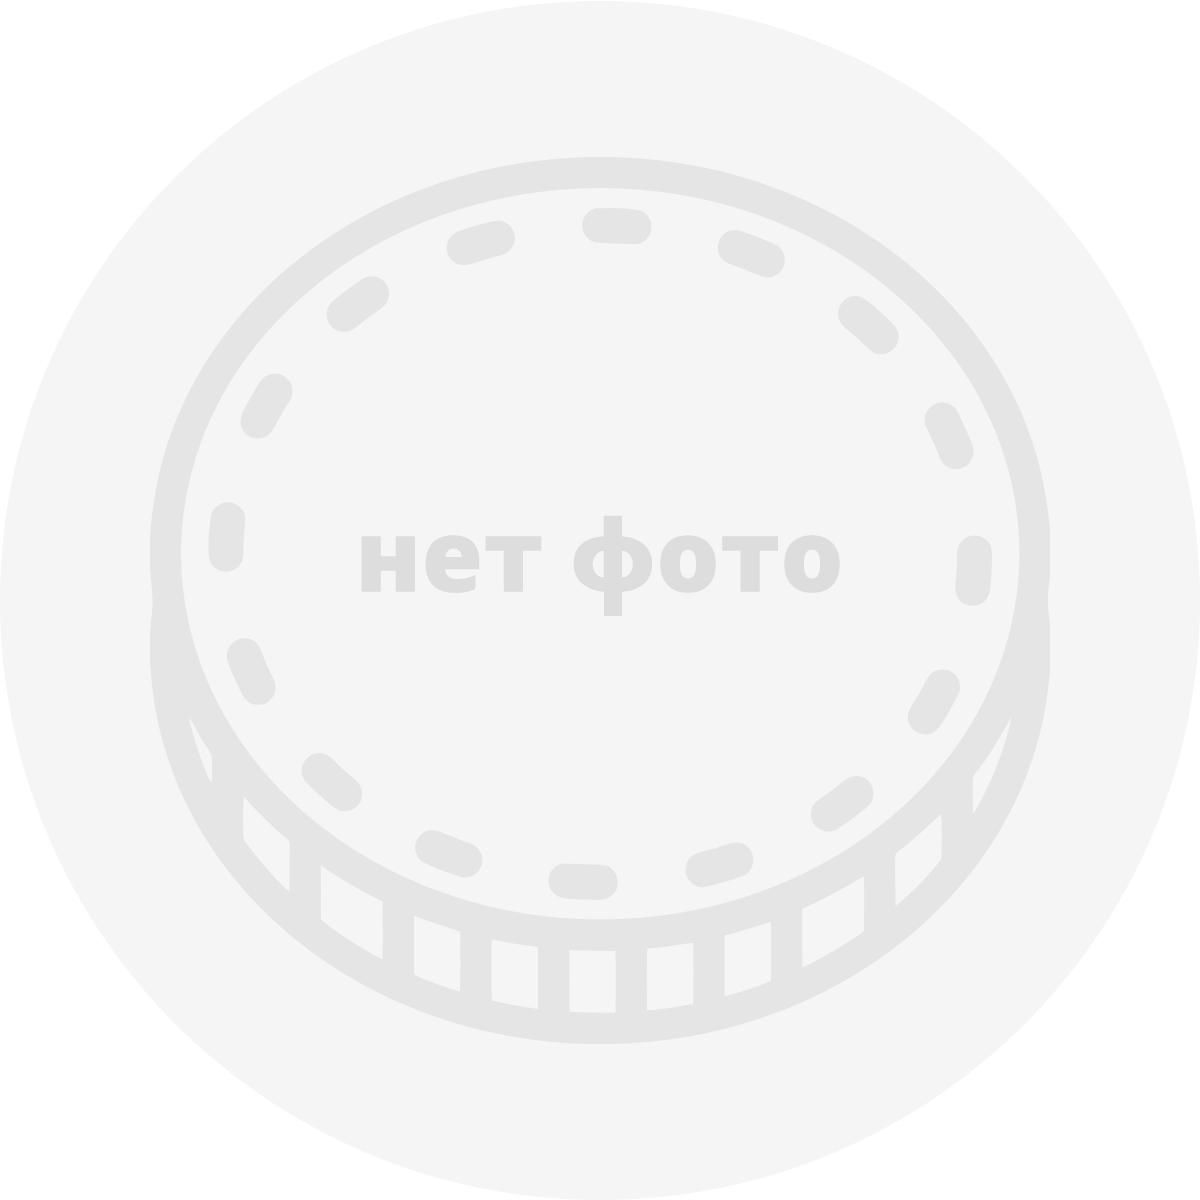 Под Калининградом нашли клад с миллиардами марок Веймарской республики